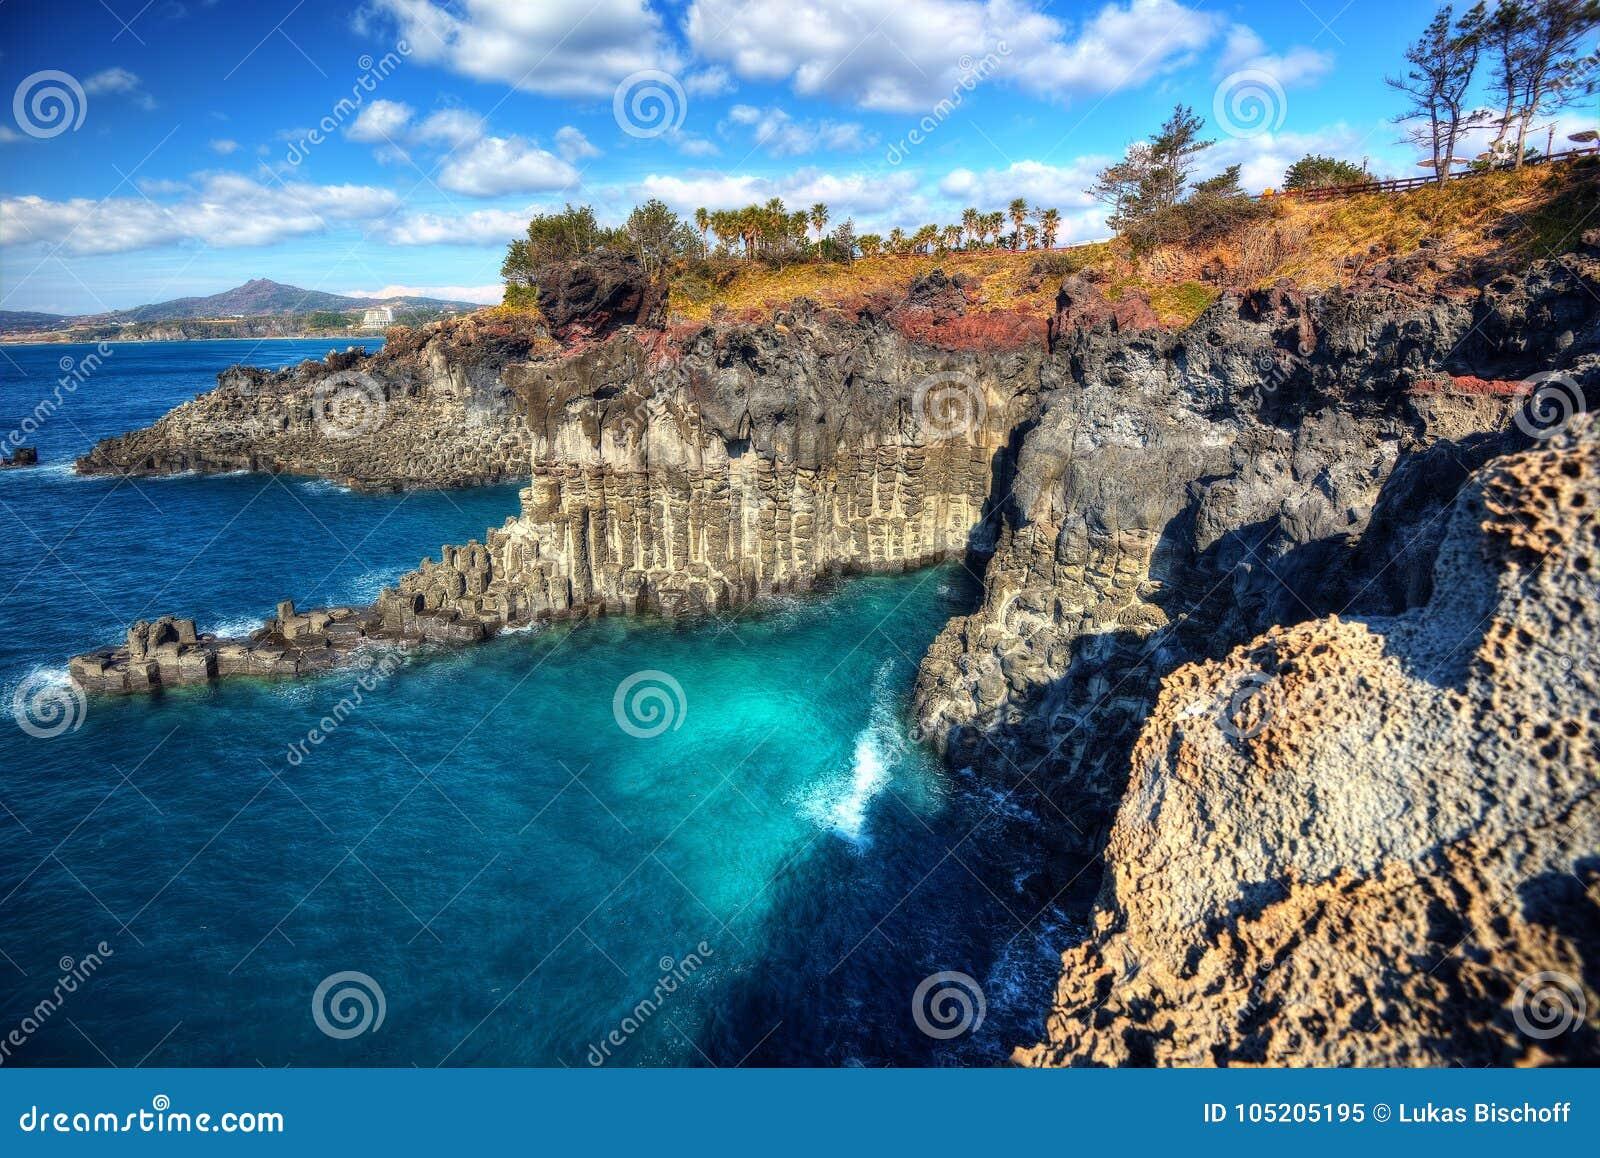 Jeju-Insel